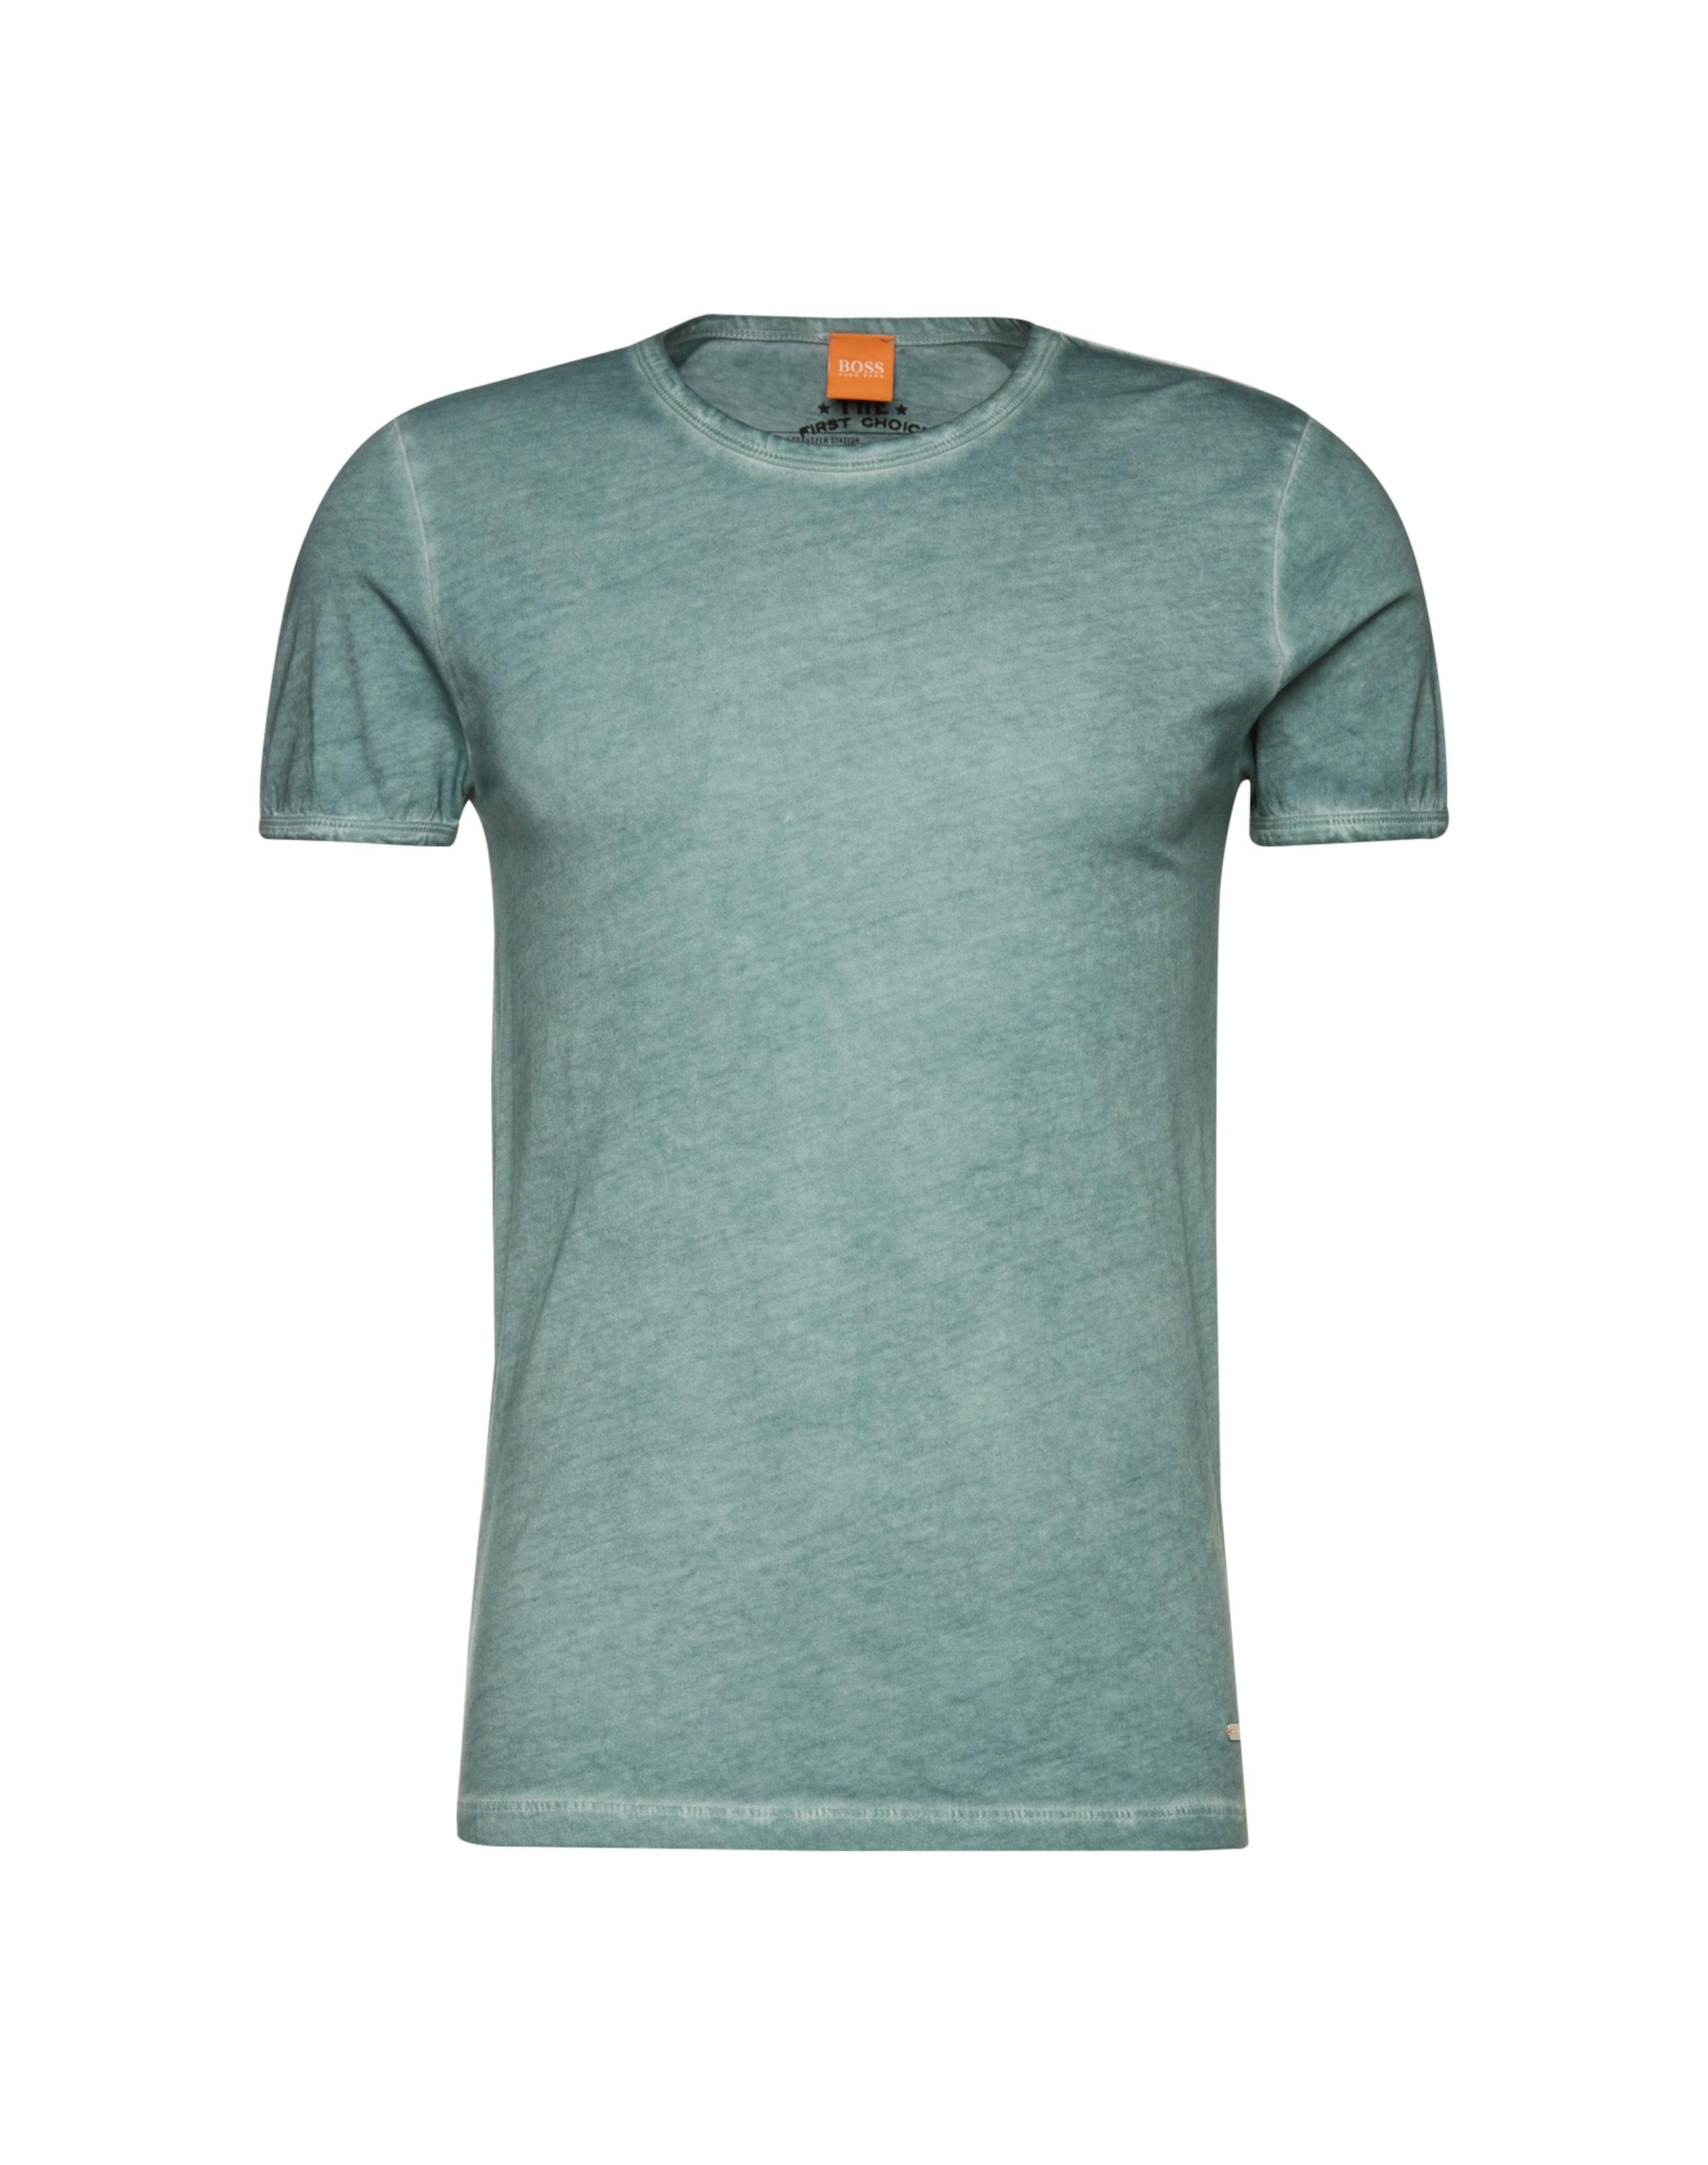 BOSS ORANGE T-Shirt 'Tour' Auslass Verkauf YwmXKJ6RV